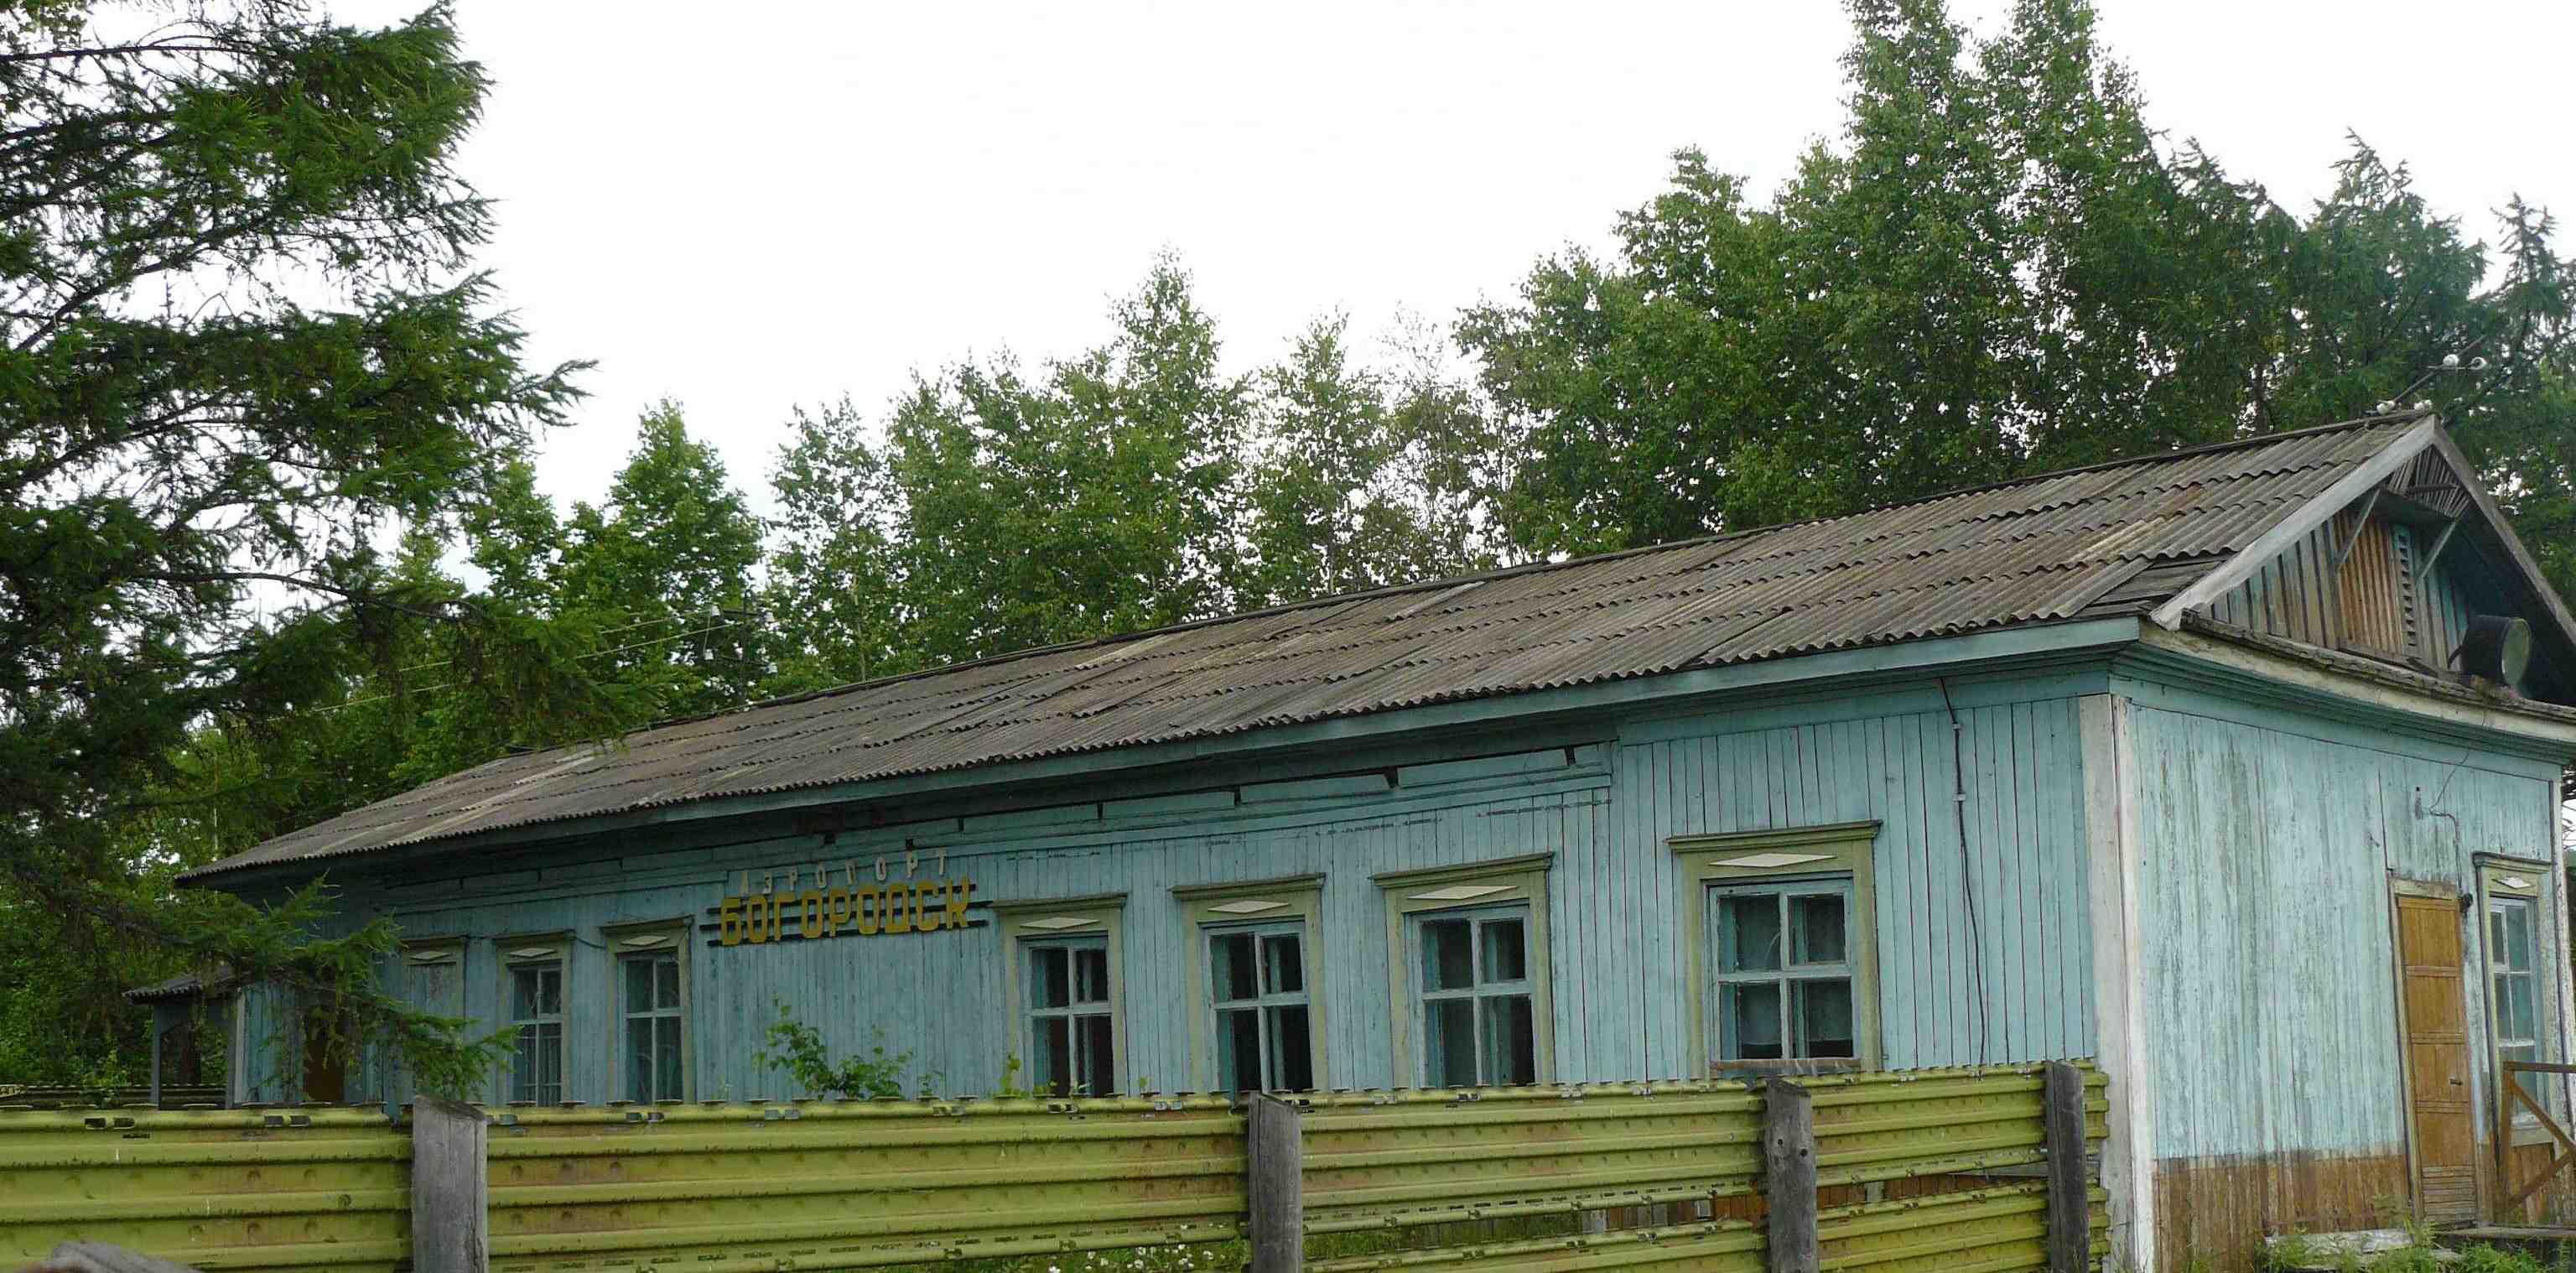 Аэропорт Богородское, Хабаровский край